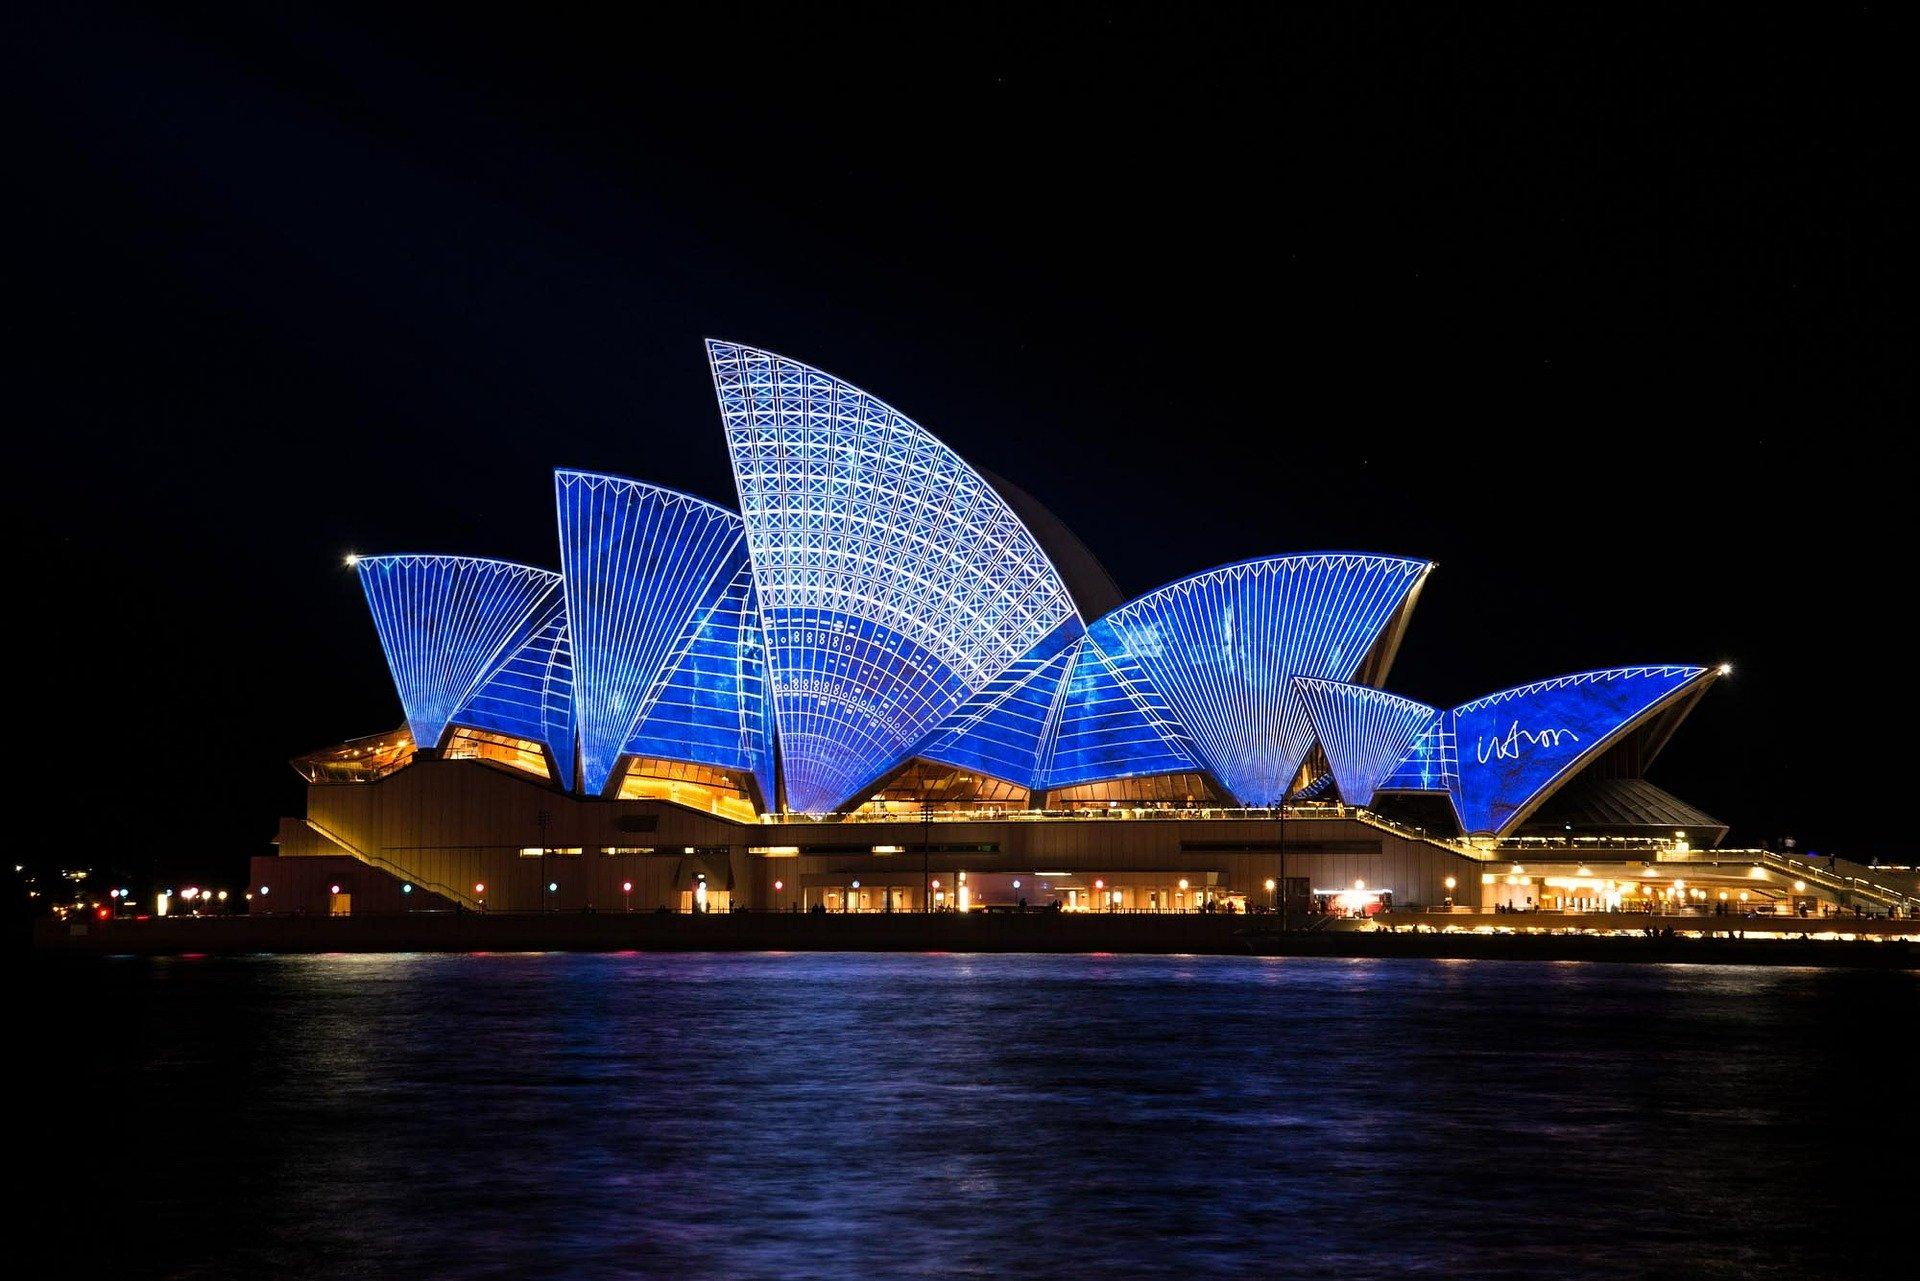 Australien hat den Bann für Kreuzfahrtschiffe aufgrund der Corona-Pandemie verlängert: um weitere drei Monate bis zum 17. September